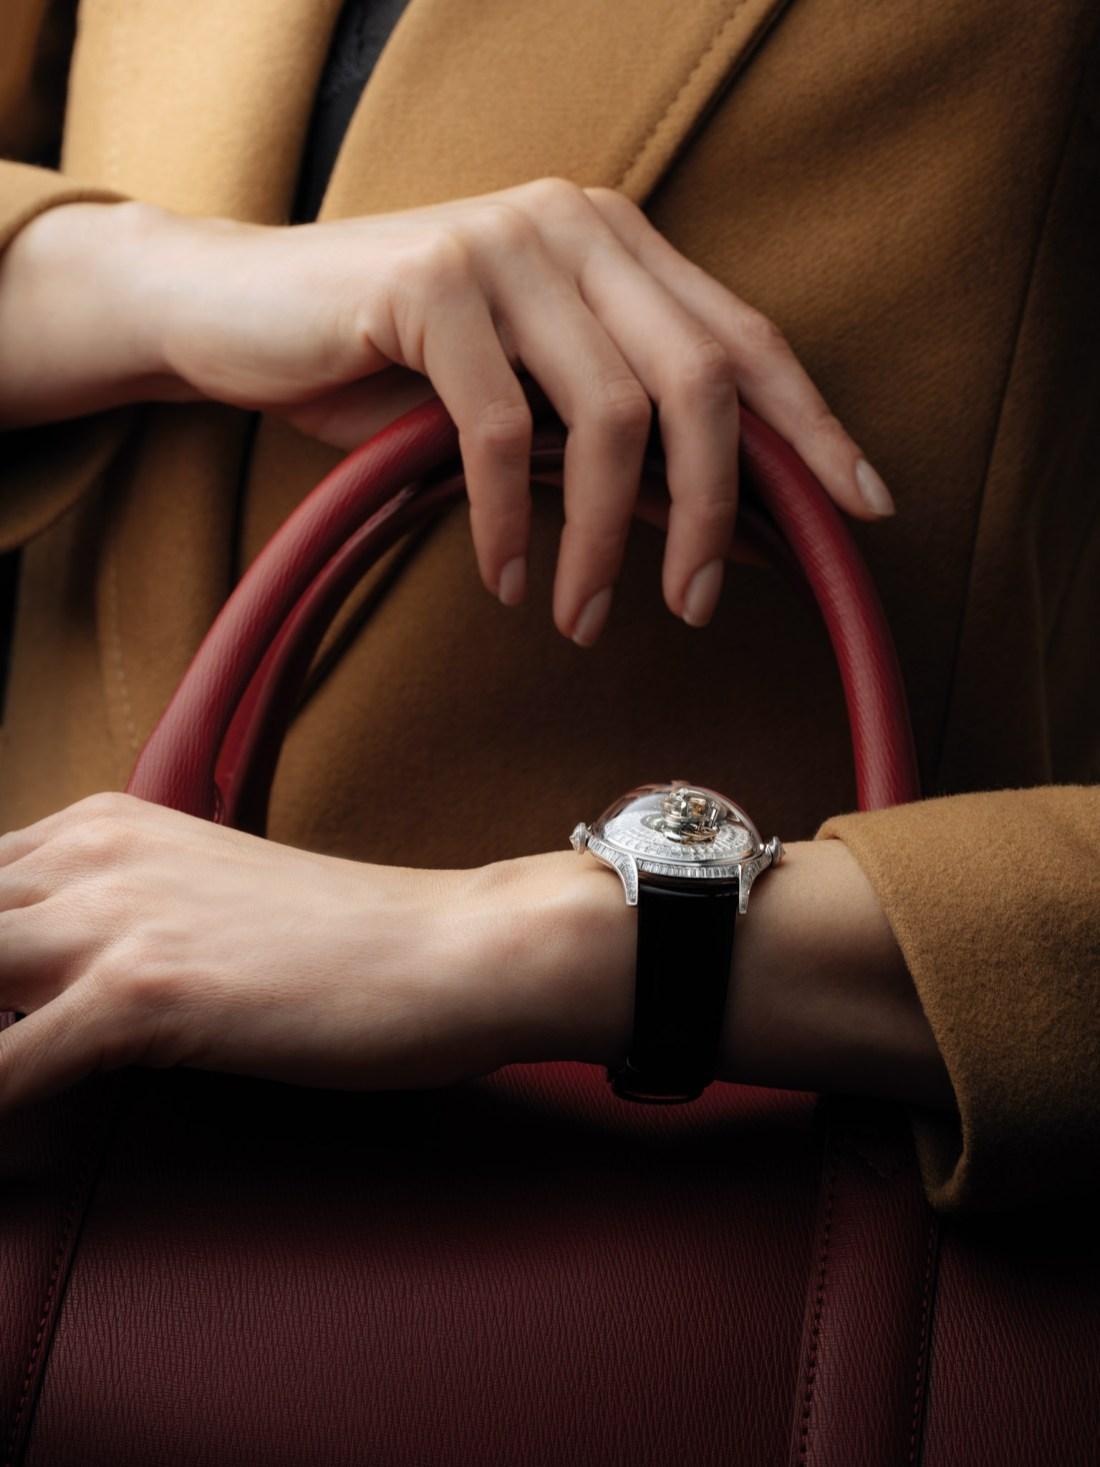 Mano de una mujer con el reloj MB&F mujeres